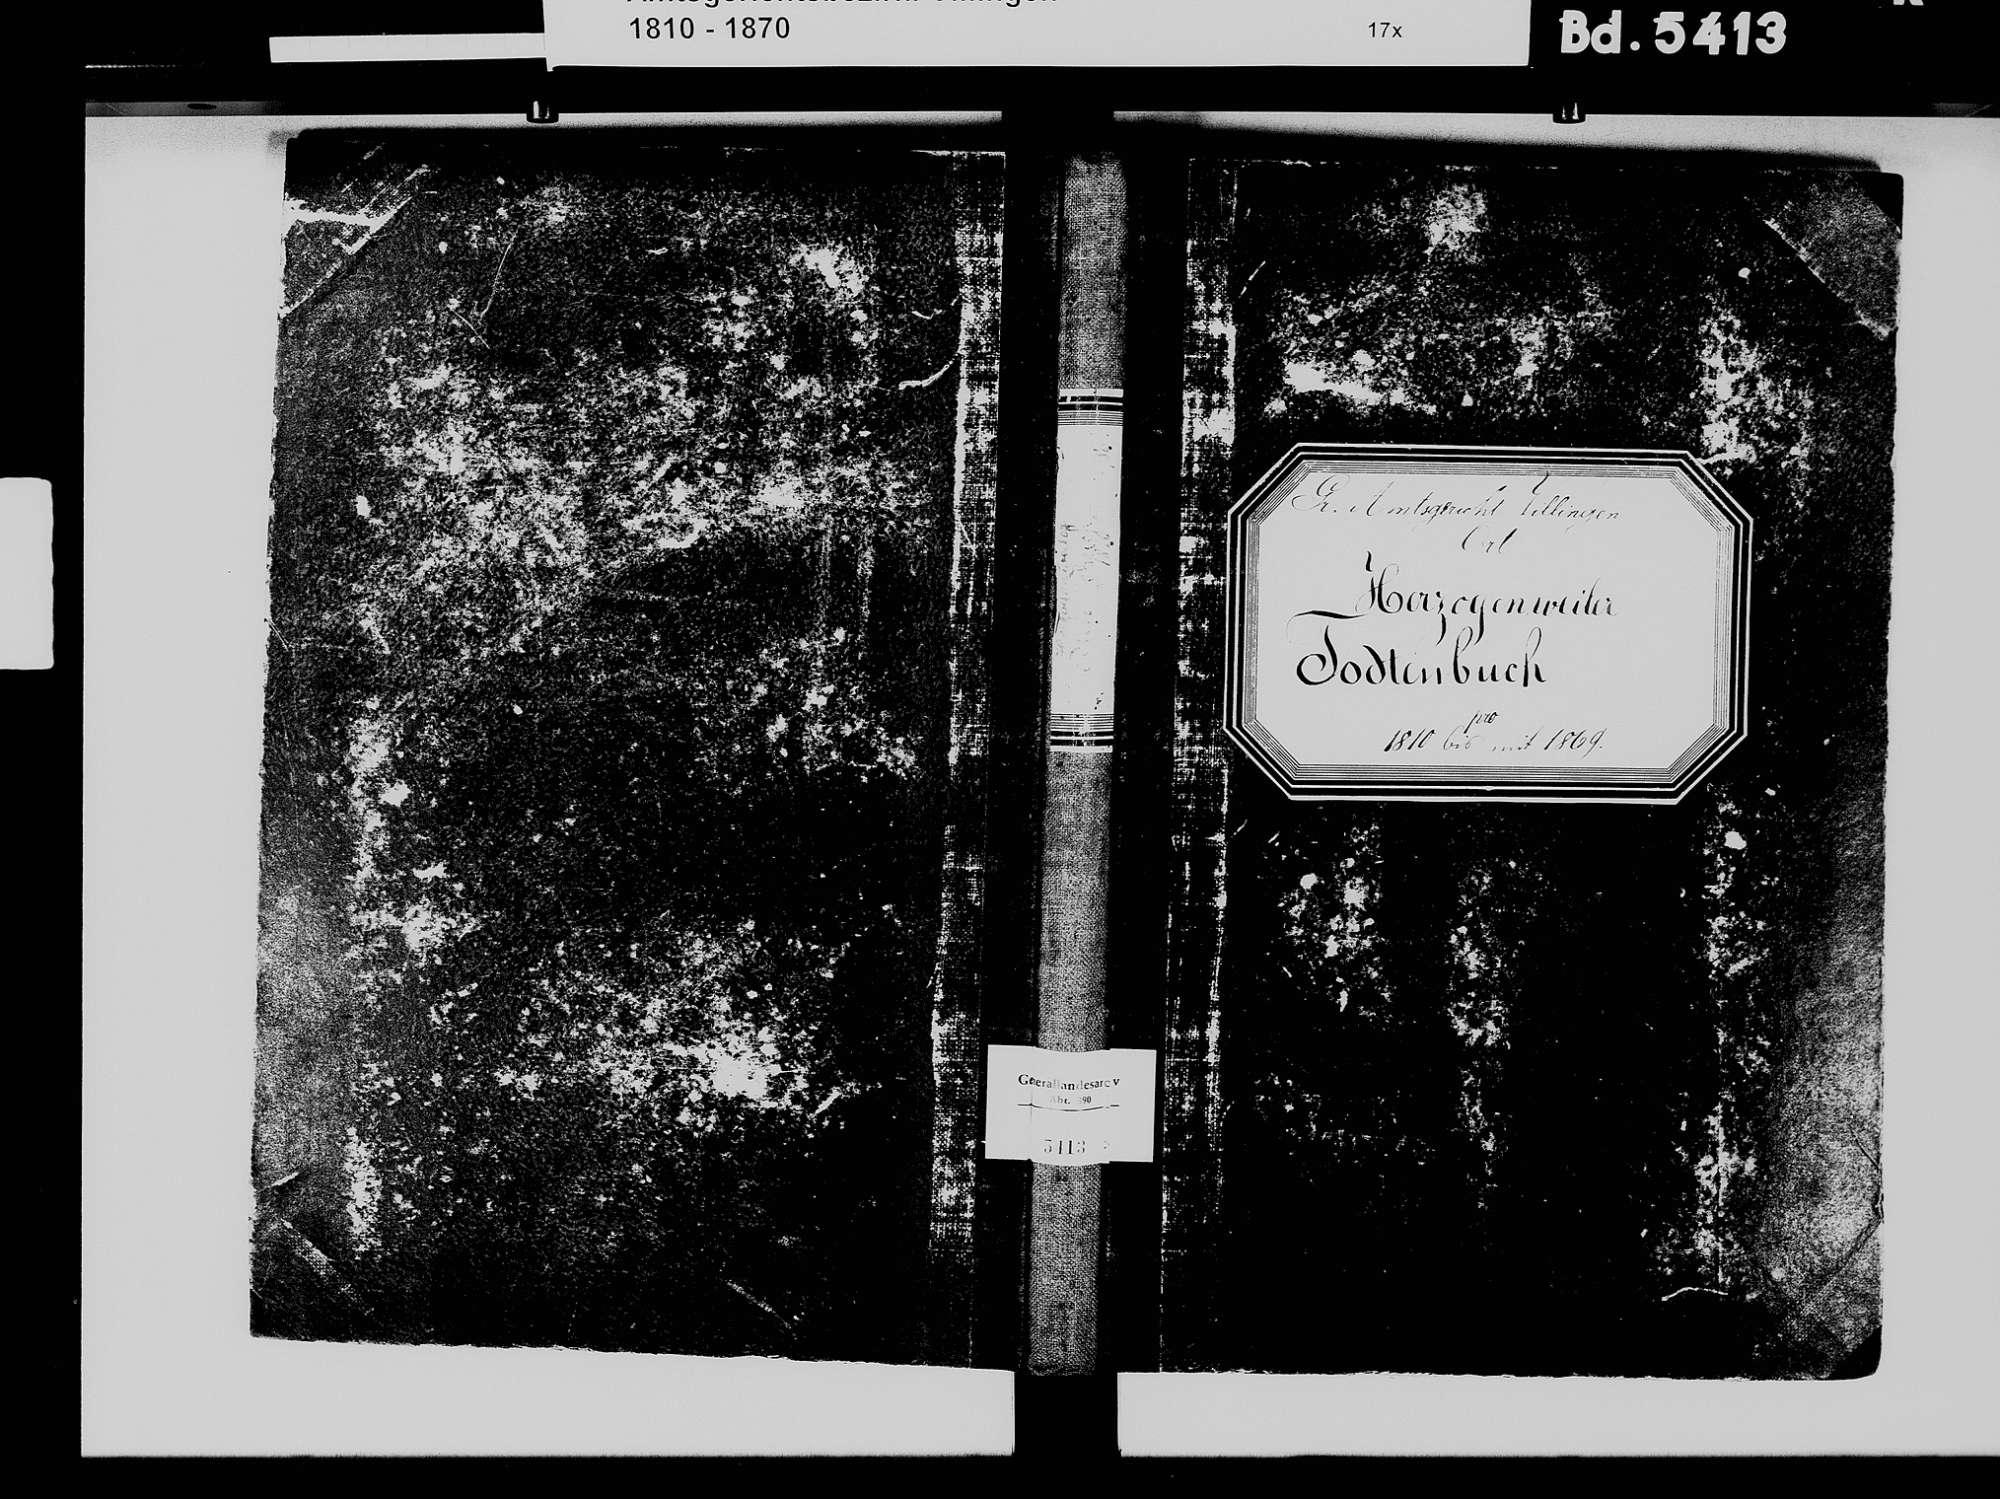 Herzogenweiler, Villingen-Schwenningen VS; Katholische Gemeinde: Heiratsbuch 1812 Herzogenweiler, Villingen-Schwenningen VS; Katholische Gemeinde: Sterbebuch 1810-1869, Bild 2